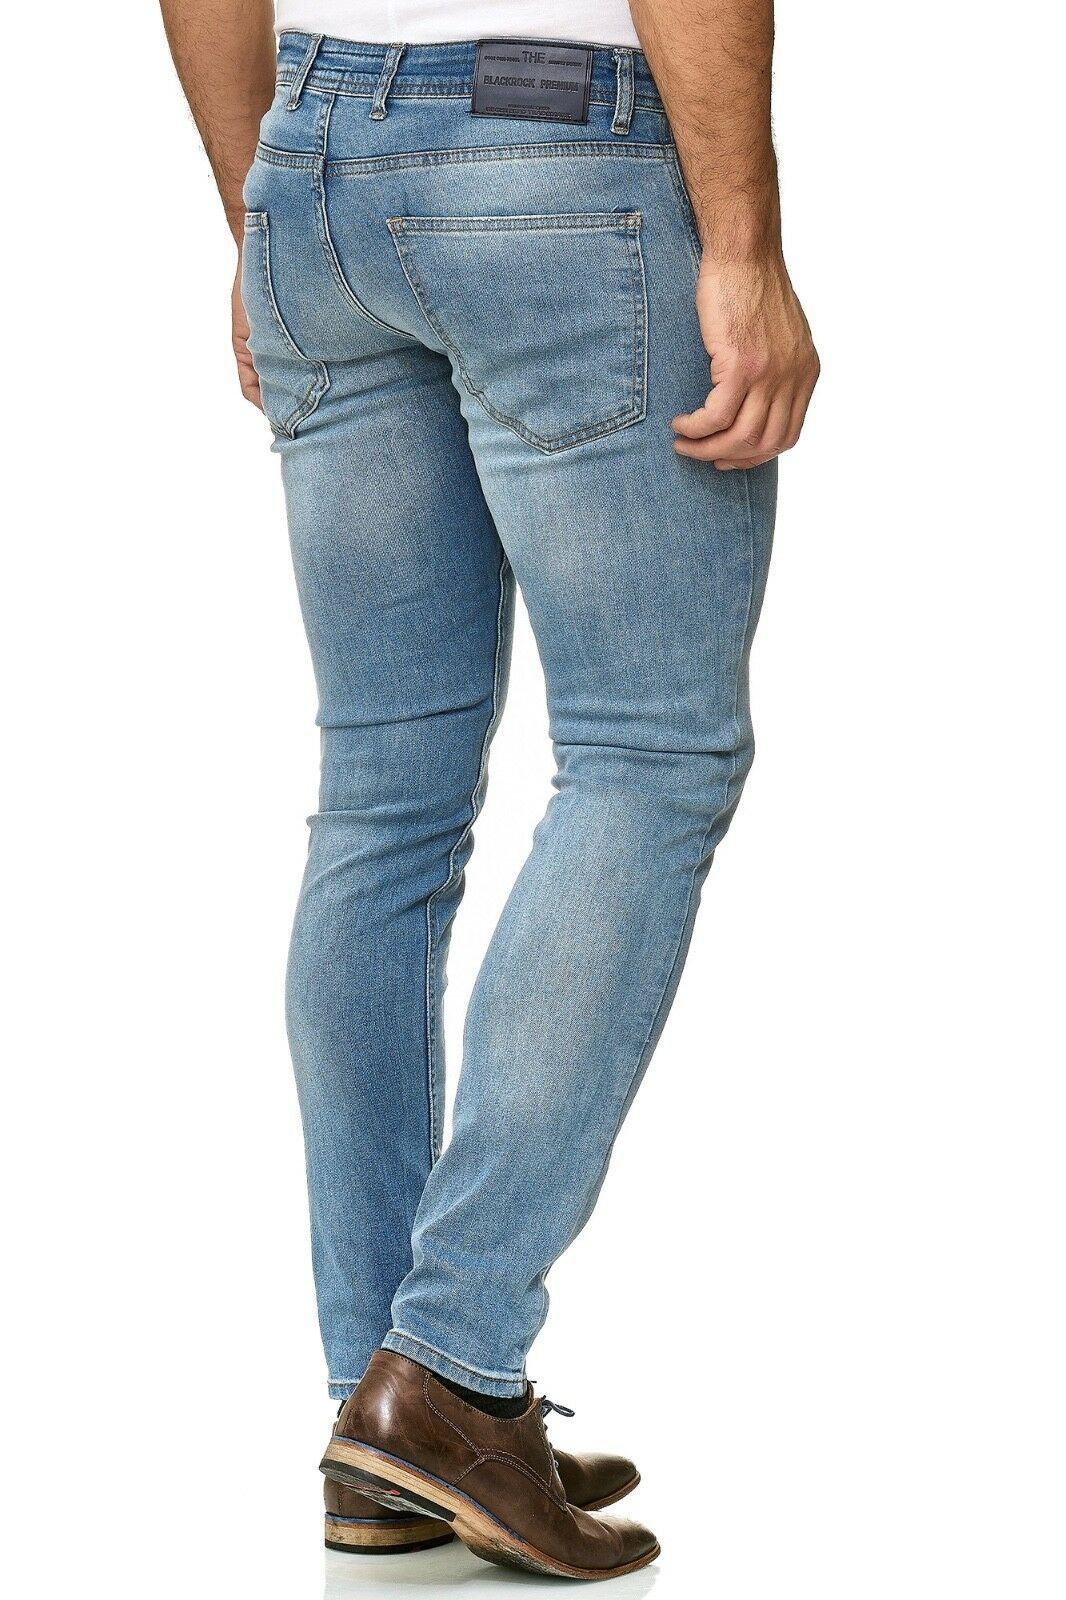 Herren-Jeanshosen-Stretch-Hose-Slim-fit-SKINNY-Jeans-Blau-Schwarz-Grau-Weiss Indexbild 47